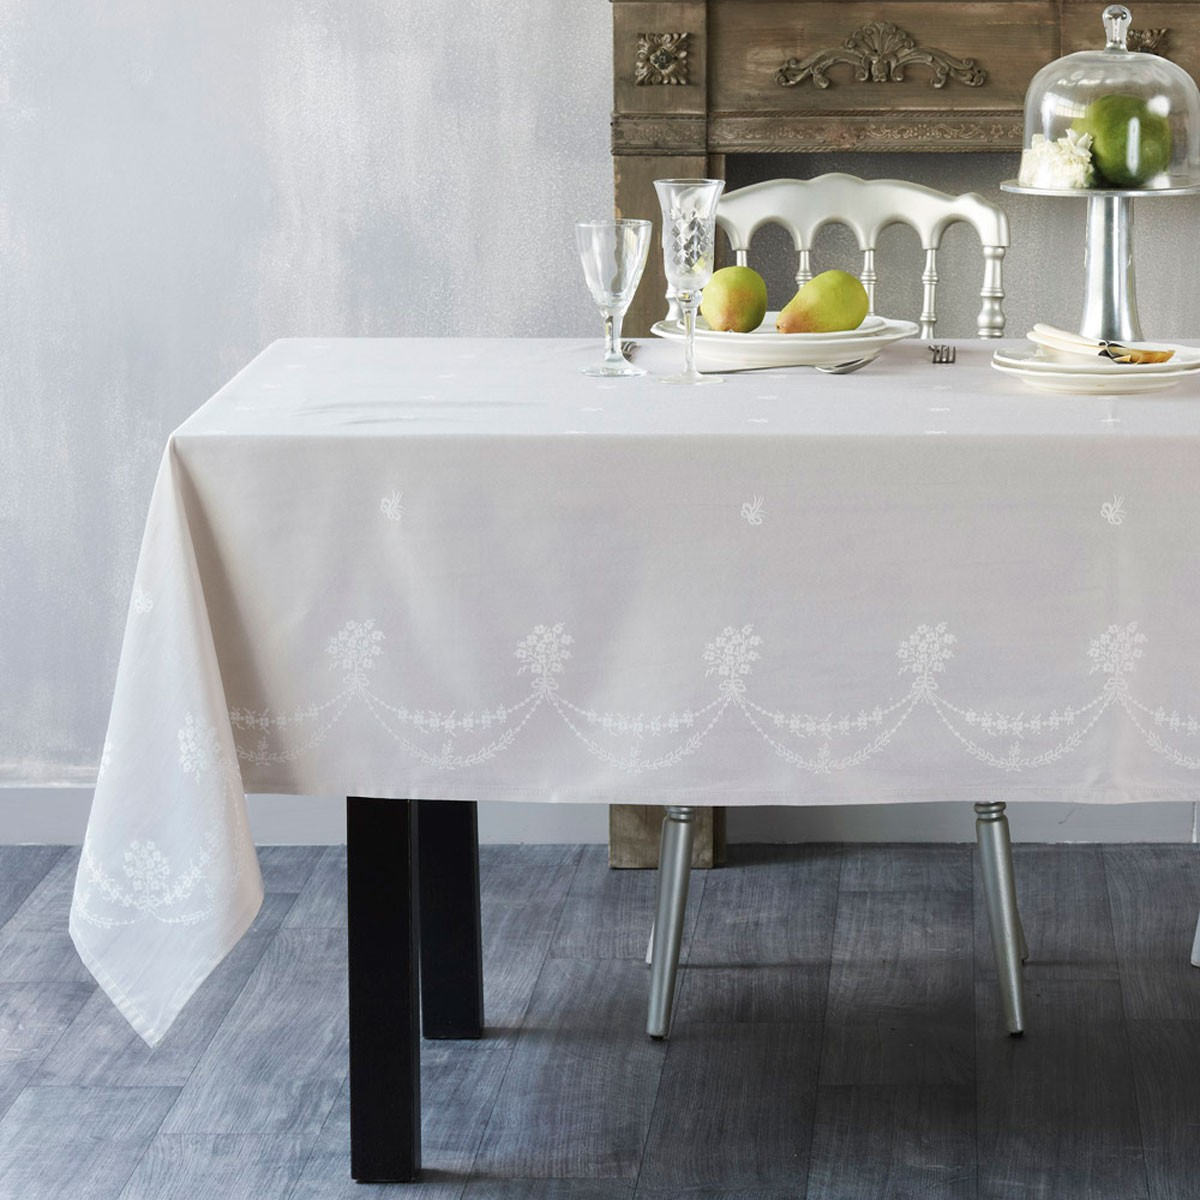 Τραπεζομάντηλο (160x270) Kentia Home Made Lille